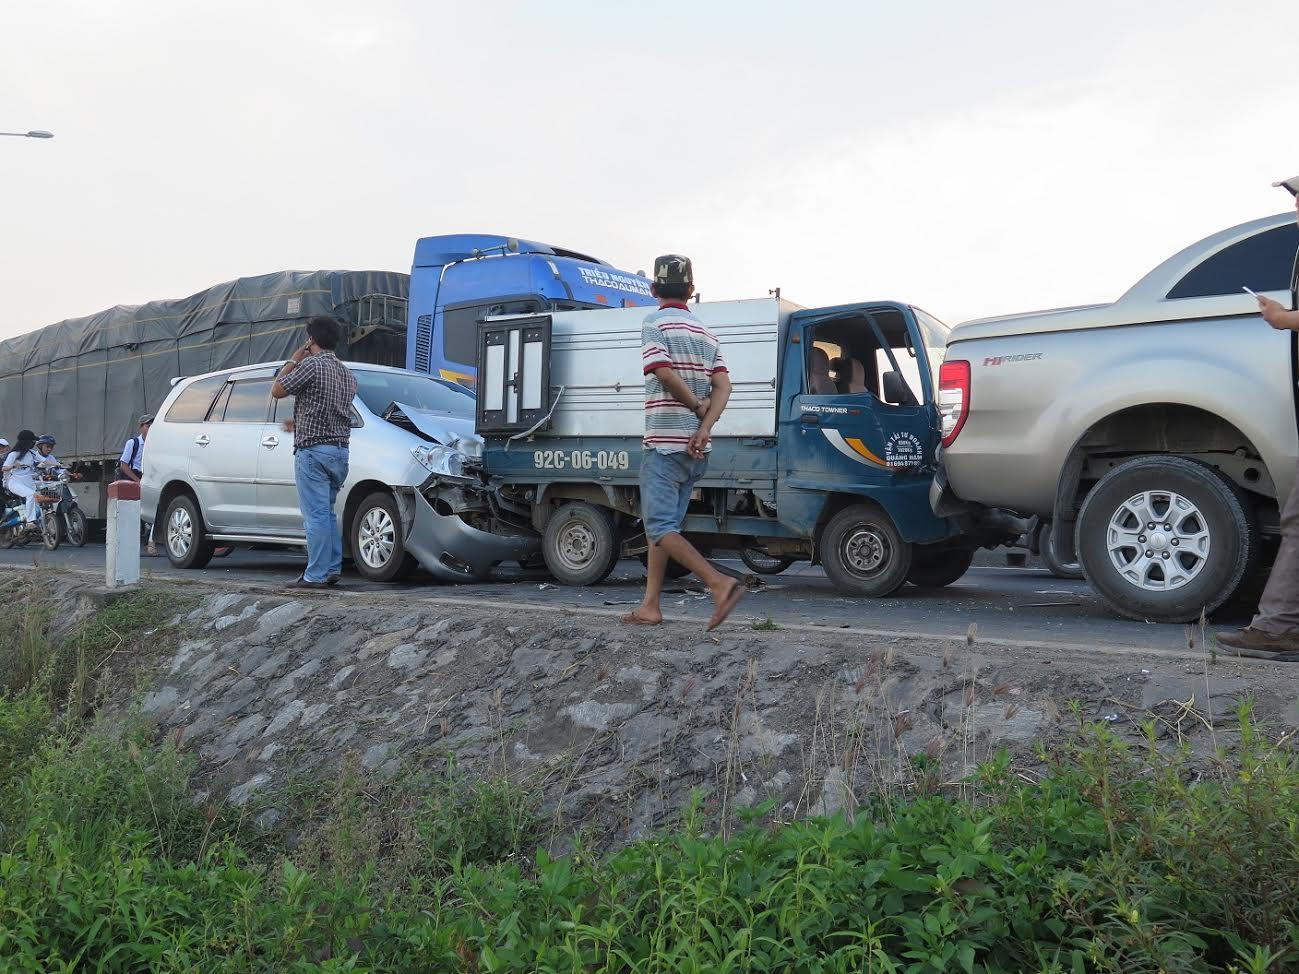 Nhiều ôtô va chạm, hư hỏng sau cú thắng gấp của xe du lịch. Ảnh: PN